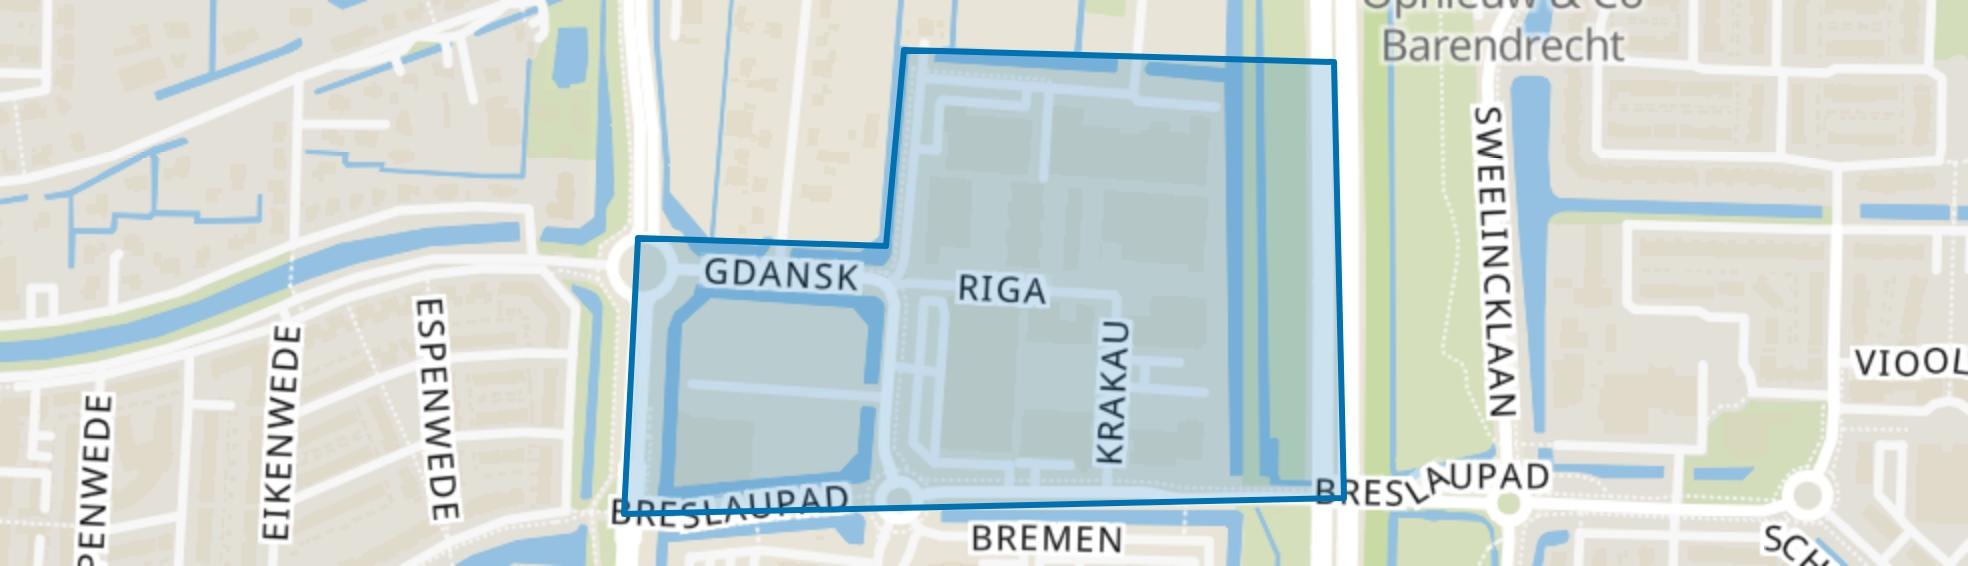 BT Vaanpark 3, Barendrecht map